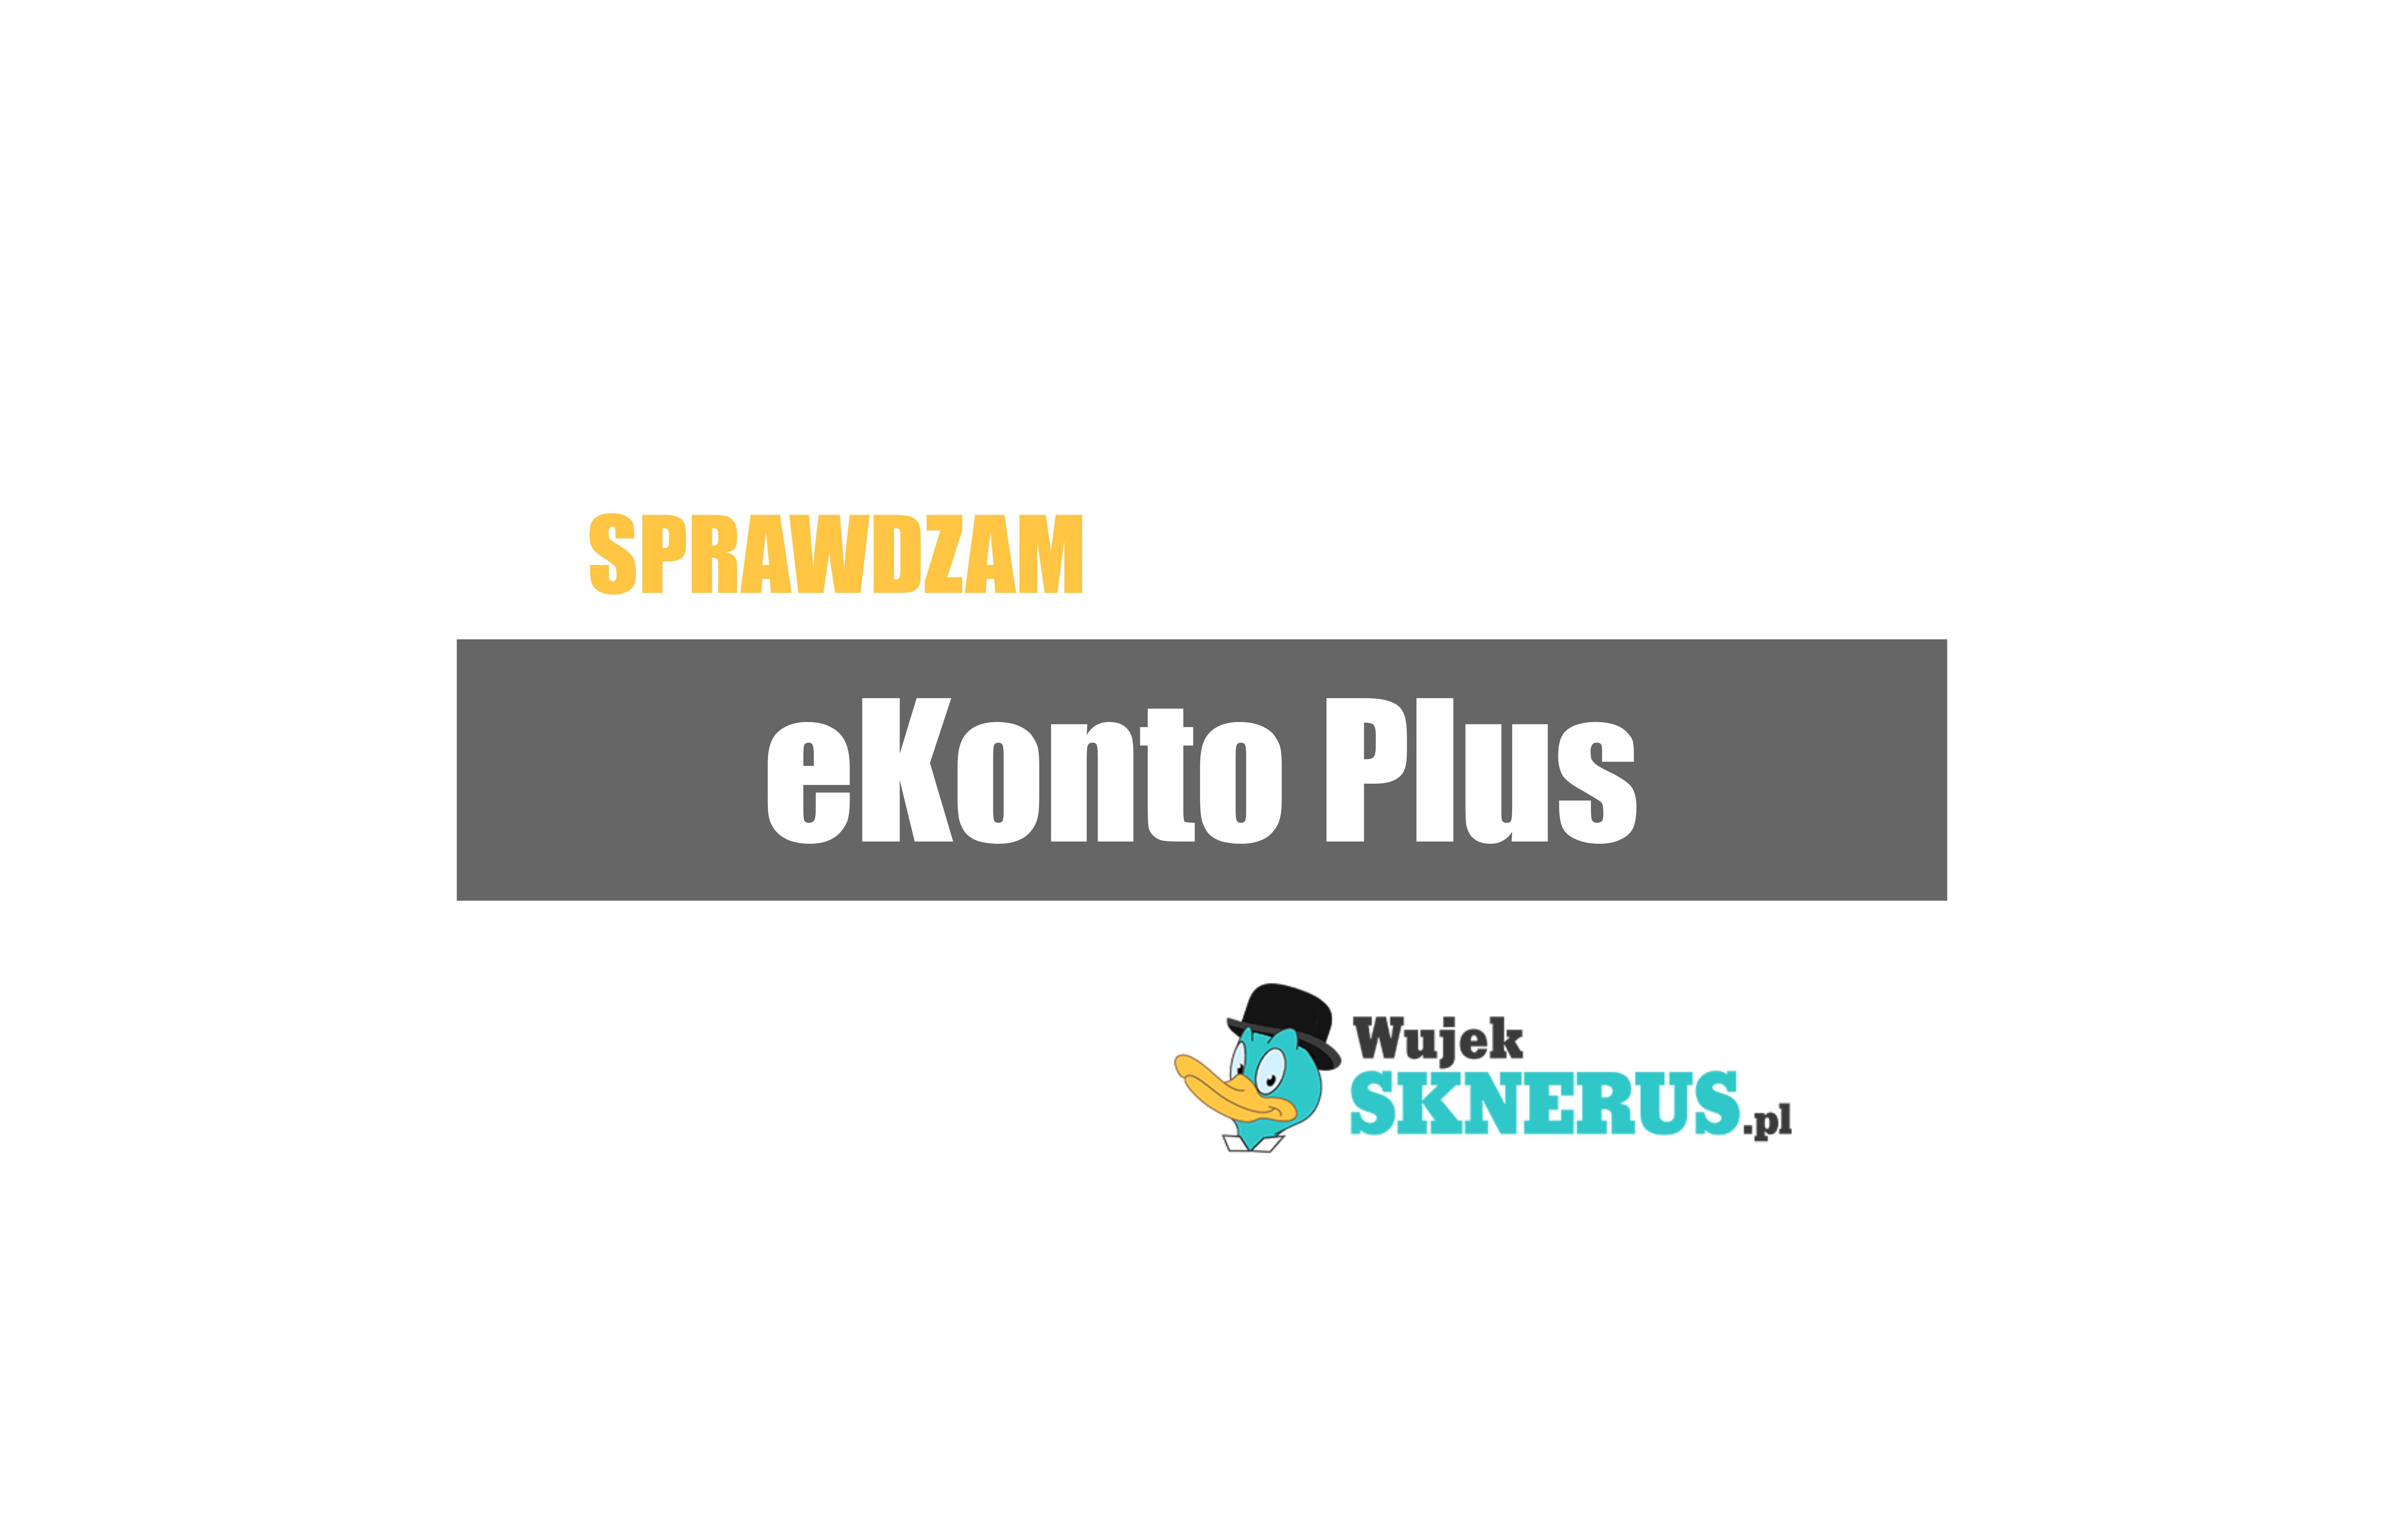 eKonto Plus od mBanku